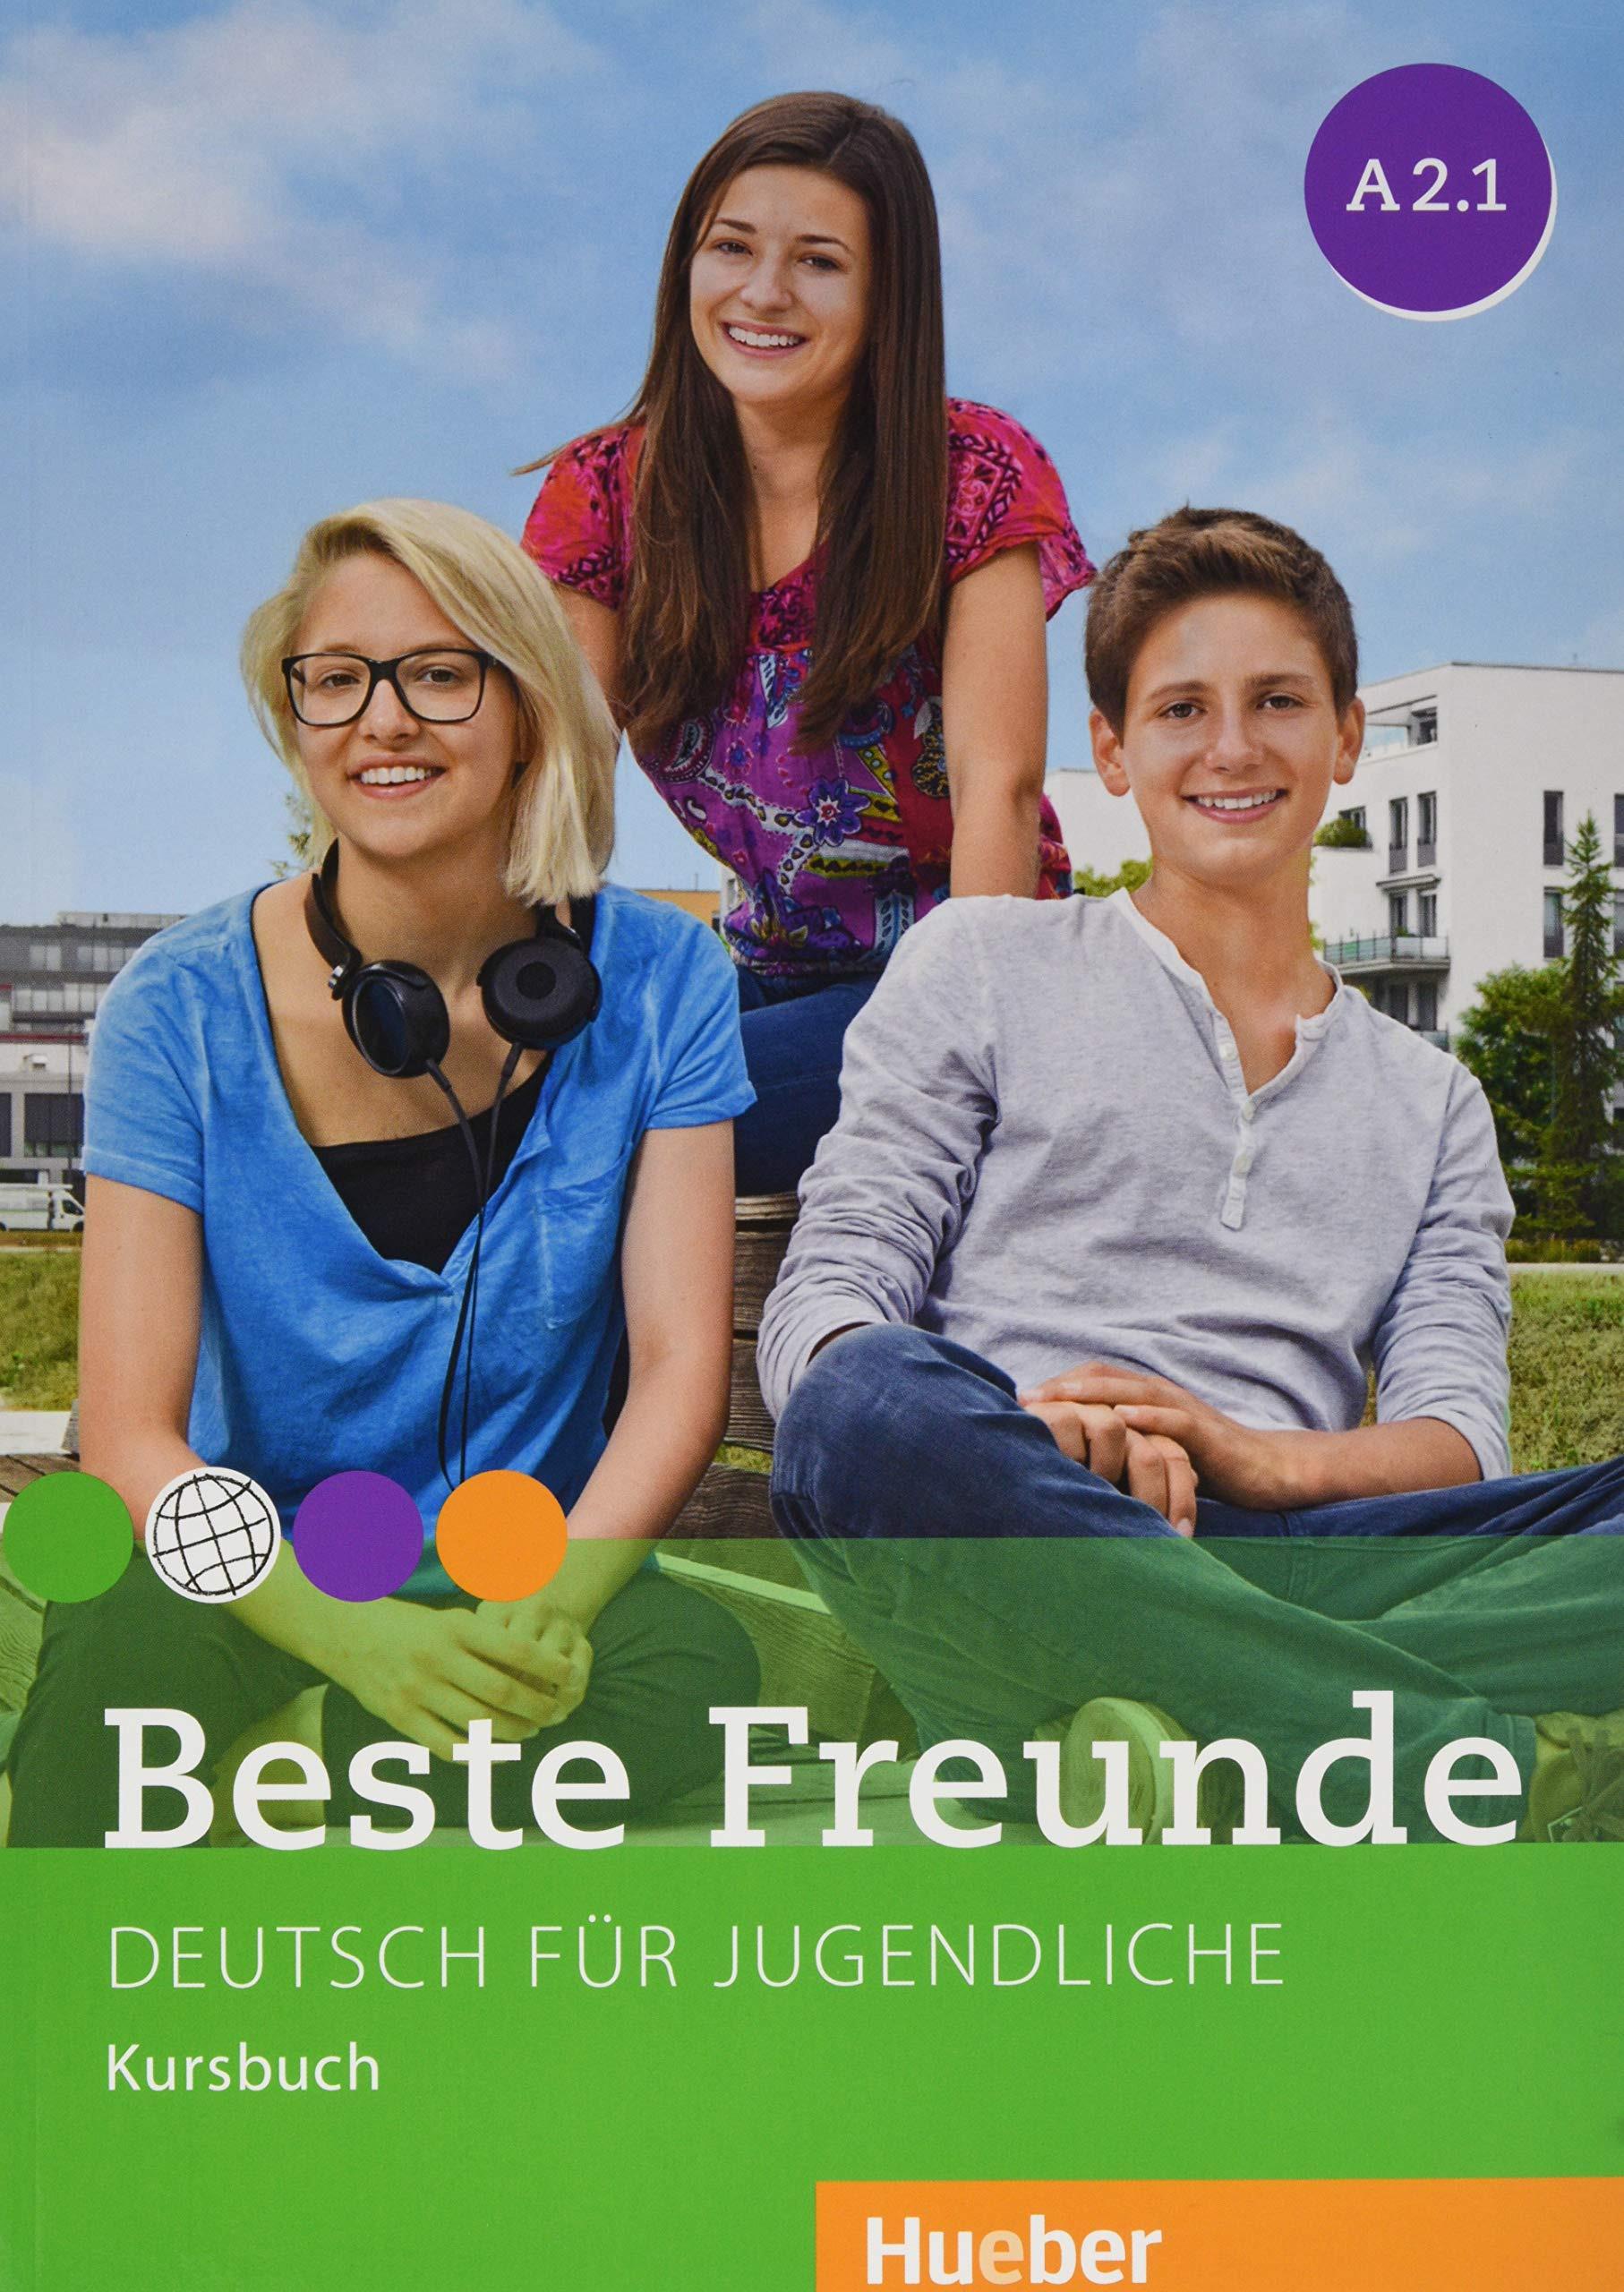 دانلود کتاب Beste Freunde A2.1